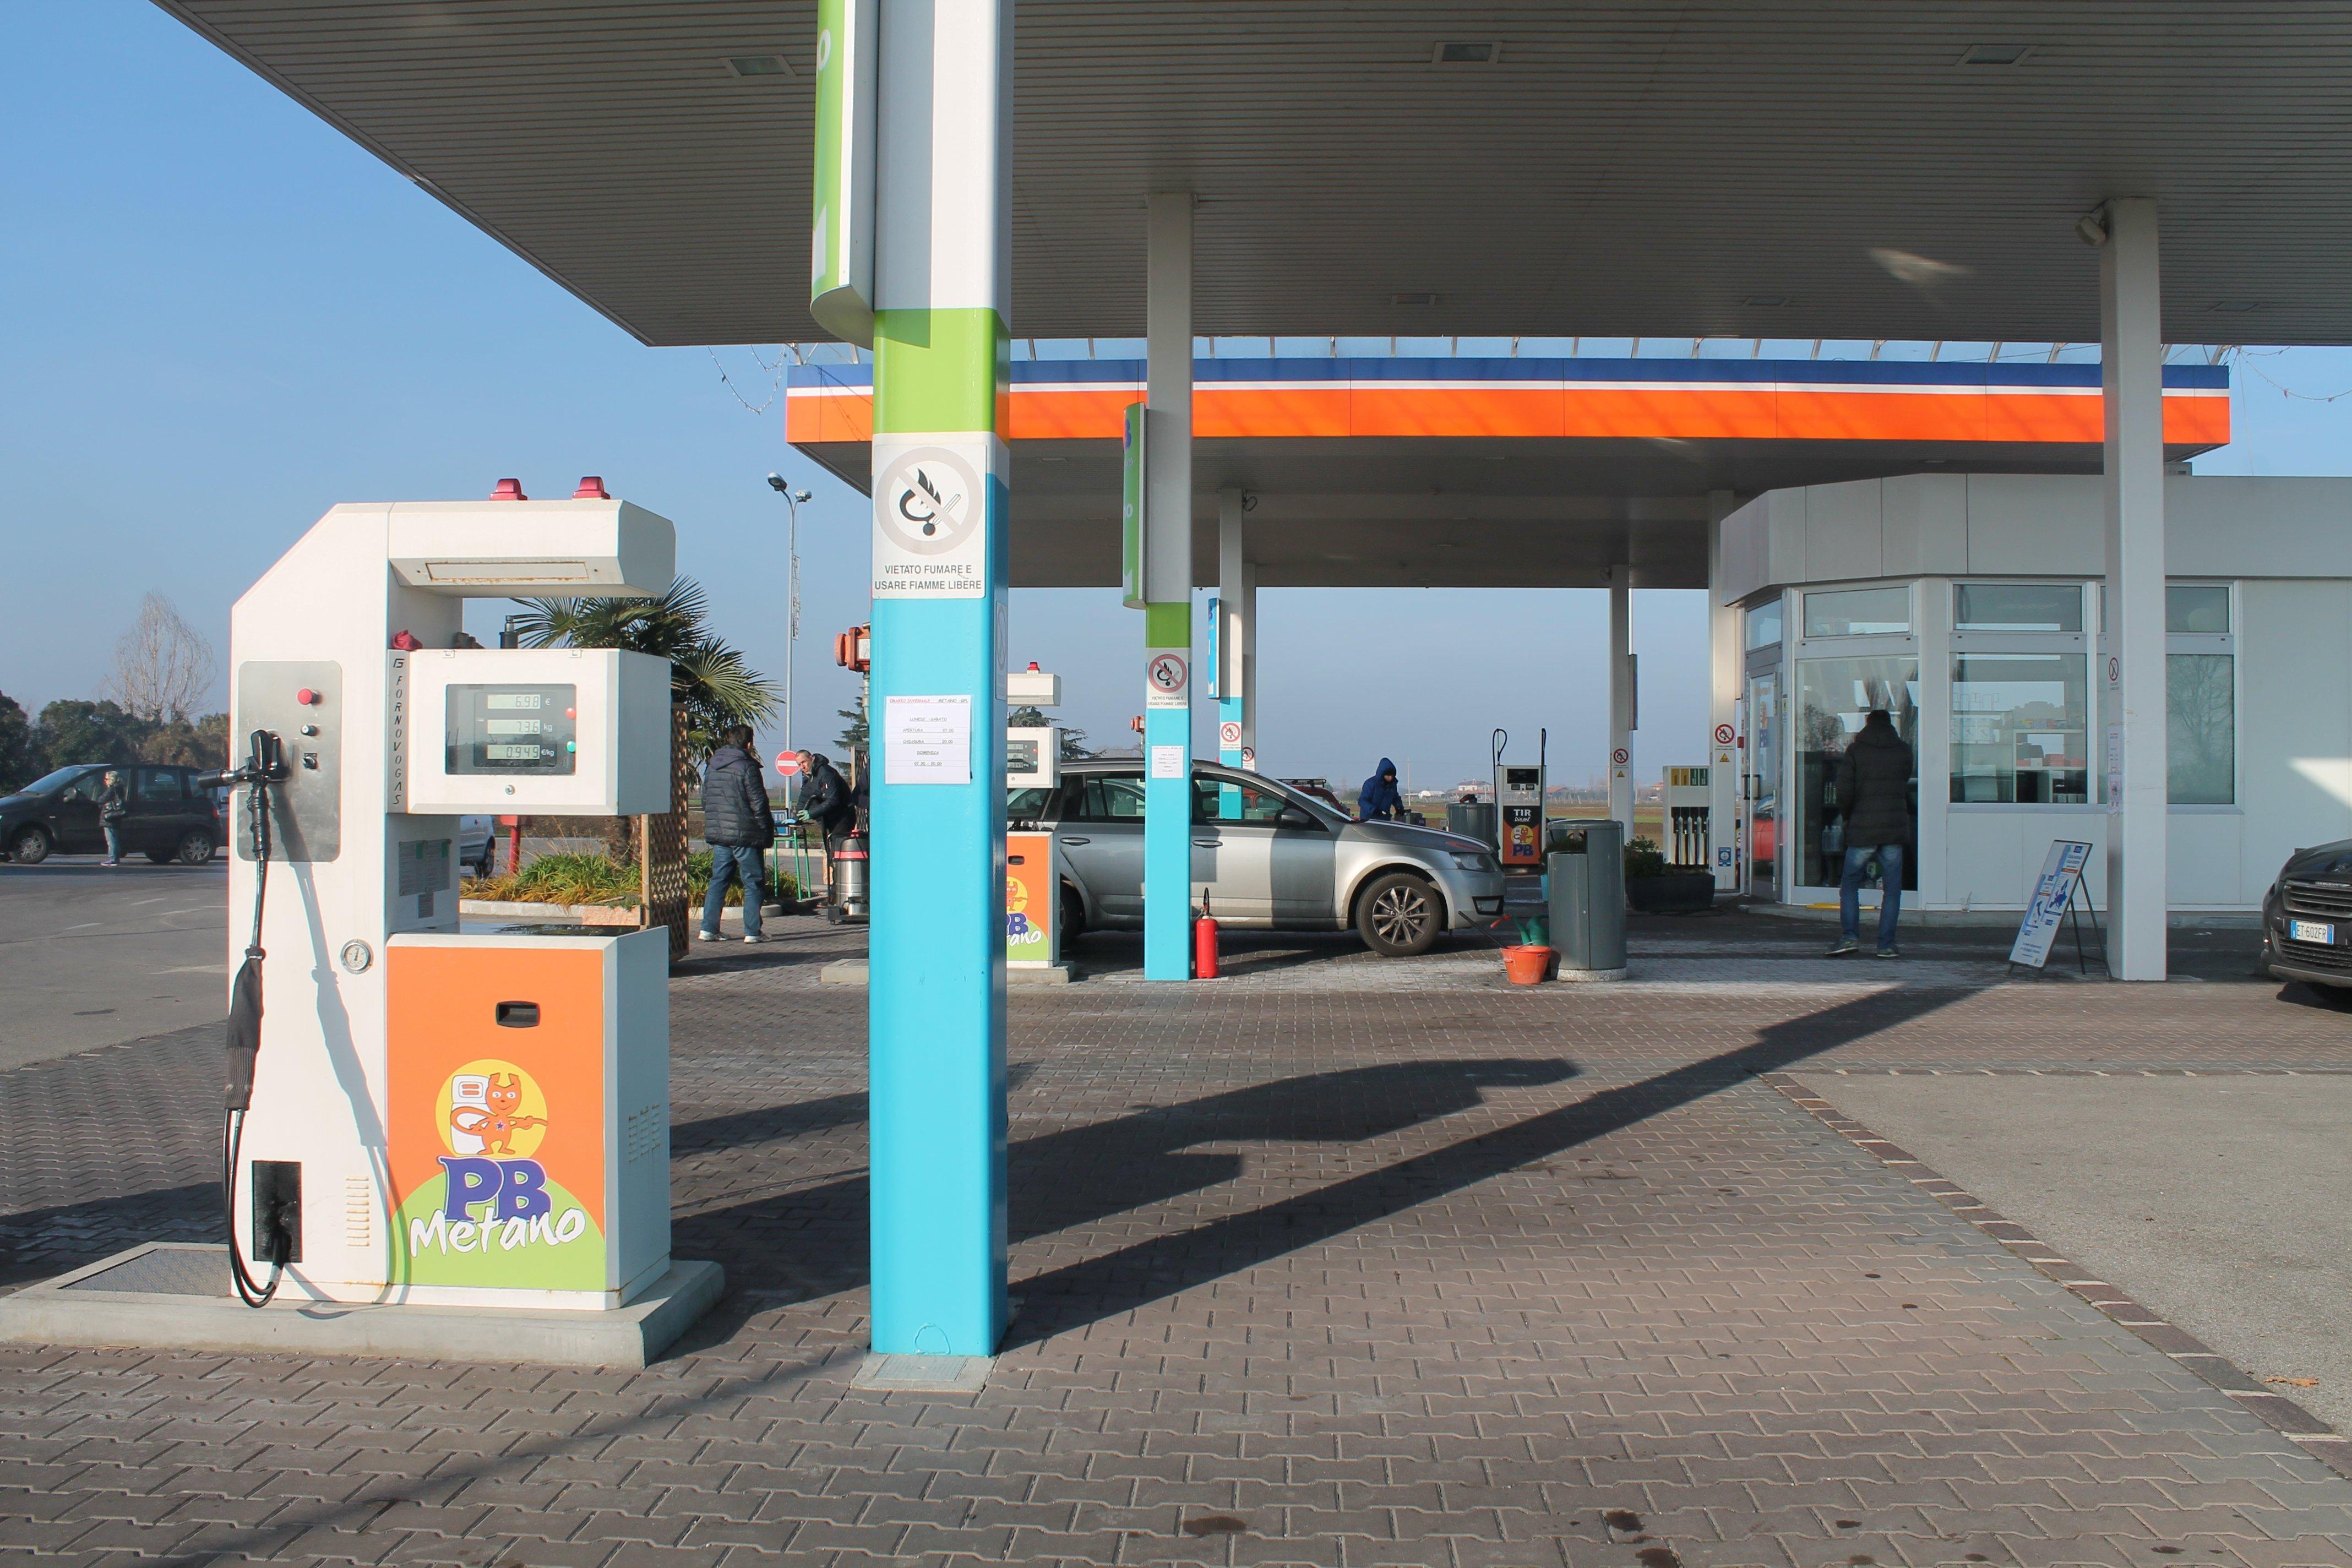 benzinaio con una macchina grigia parcheggiata